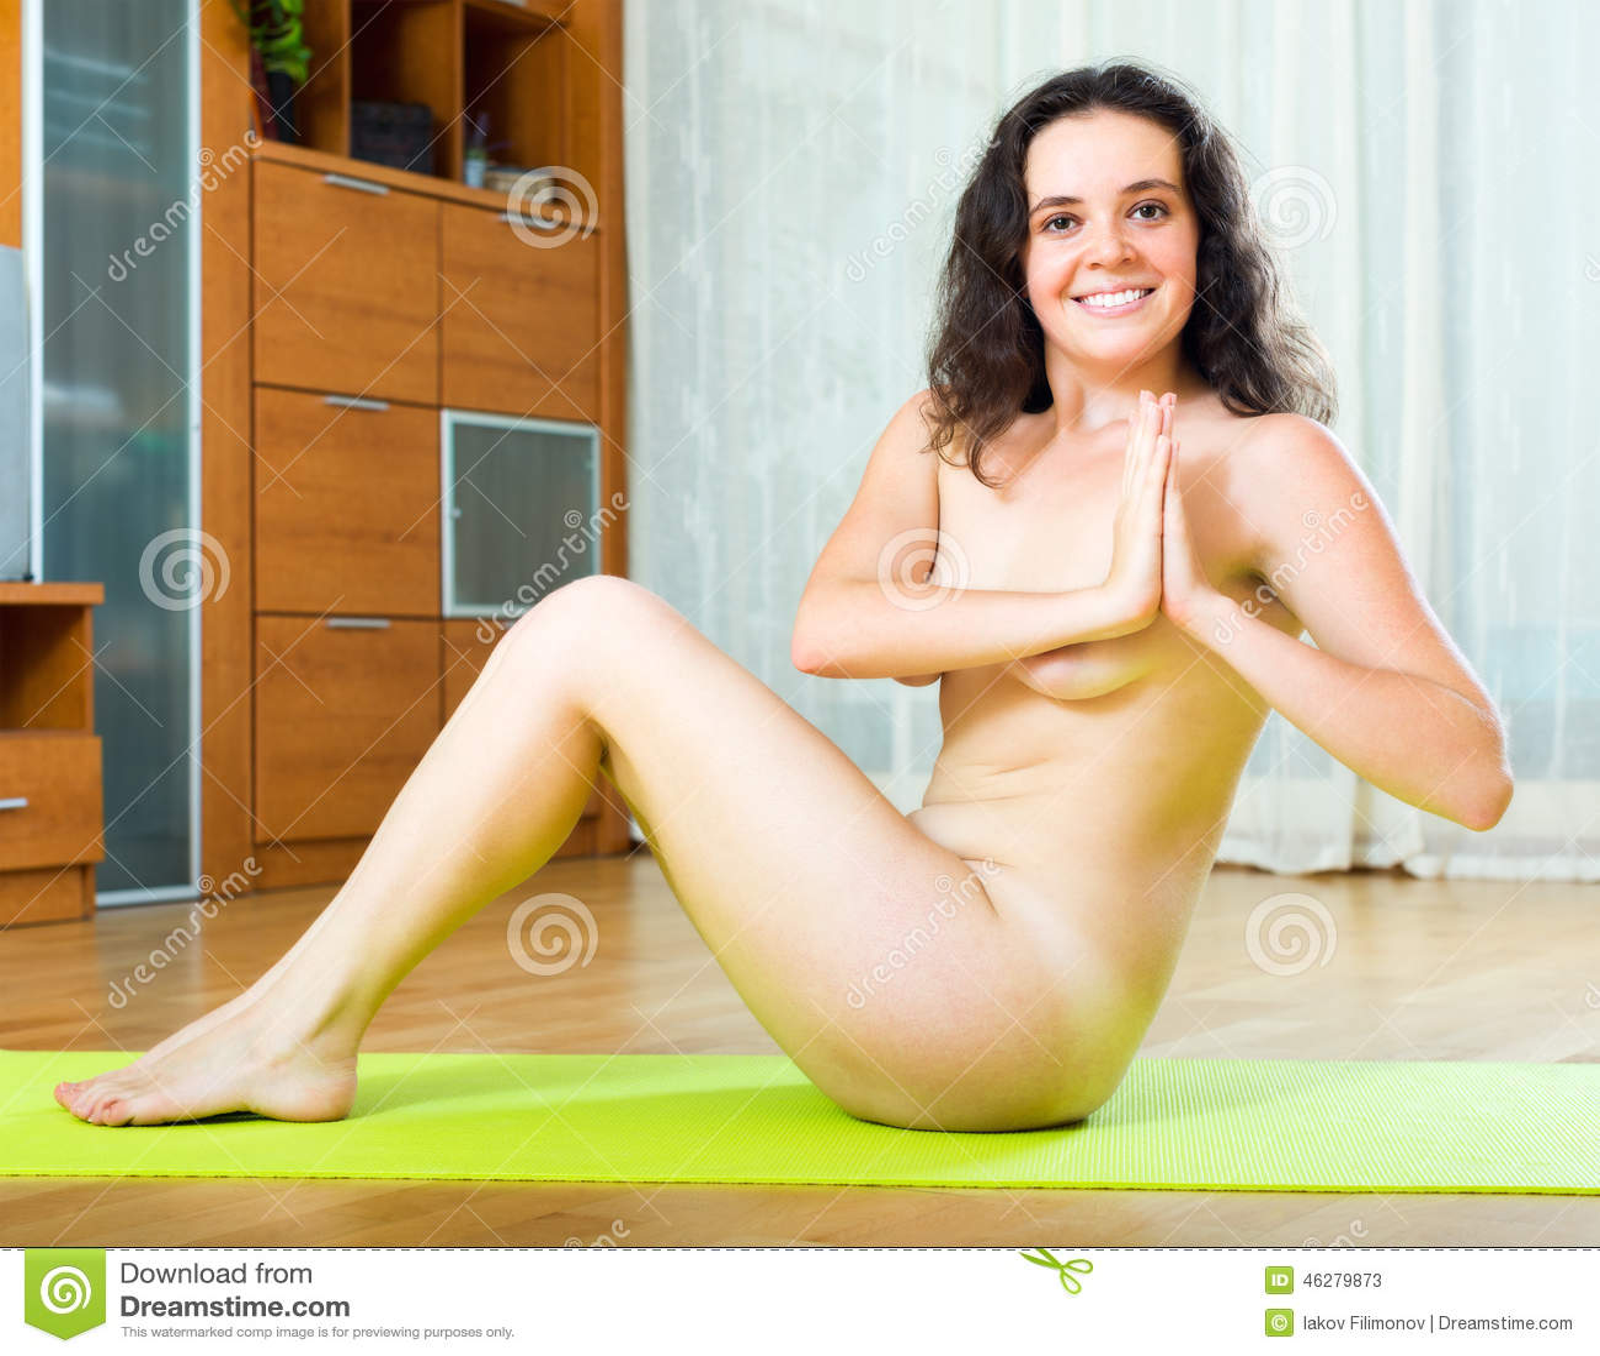 Casa libre mujer desnuda pic